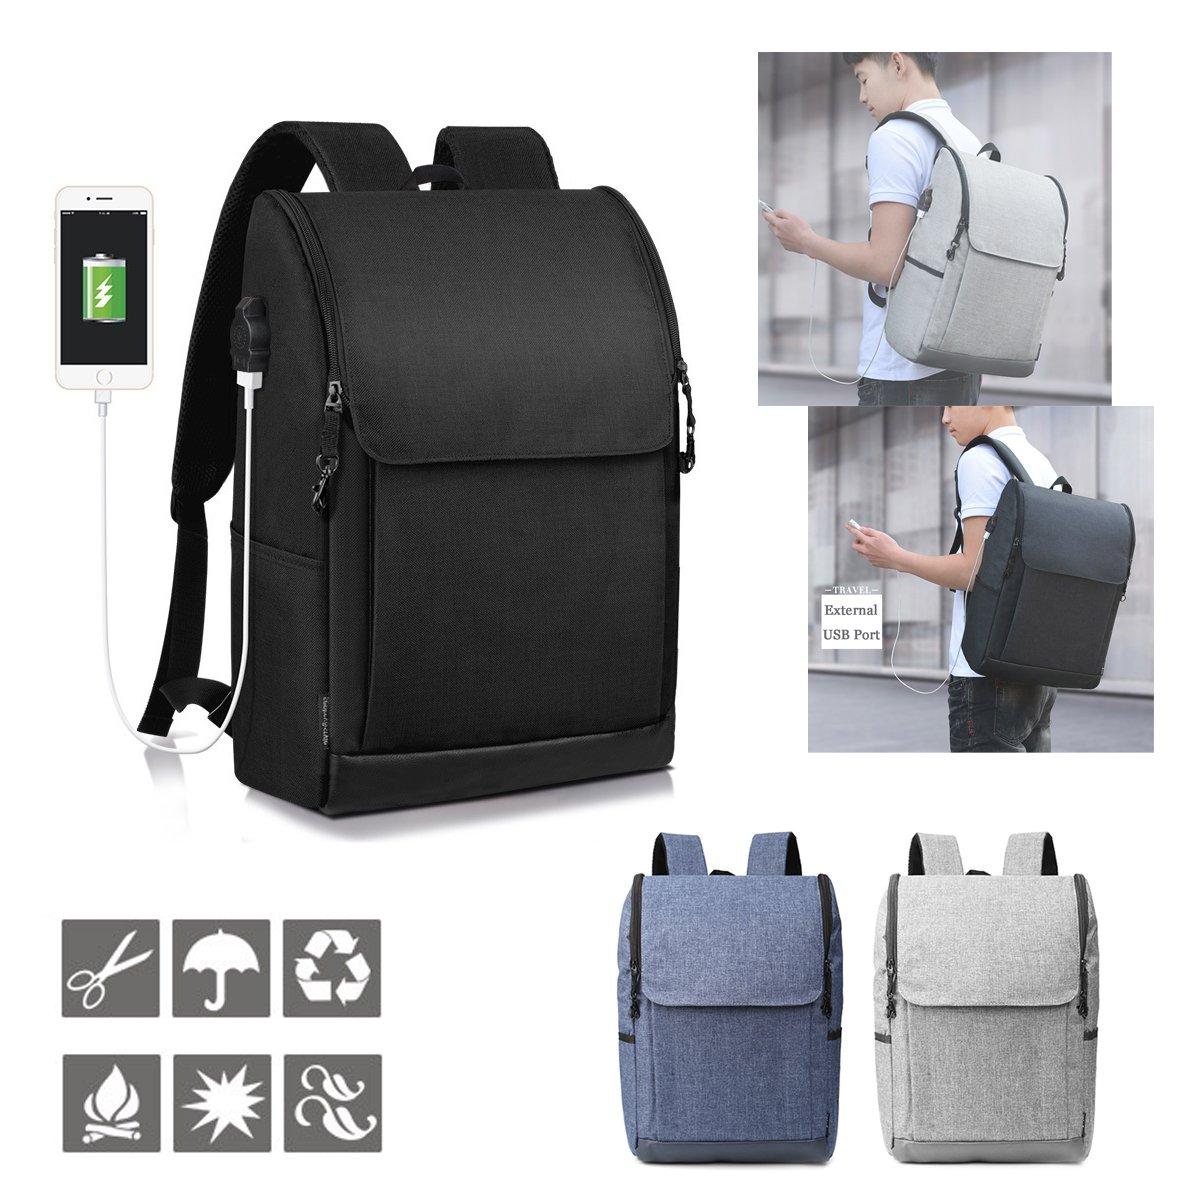 ランフィー USB の充満港の防水ラップトップ旅行リュックサックのランドセルが付いている盗難防止のバックパック B07CWMP7R4黒